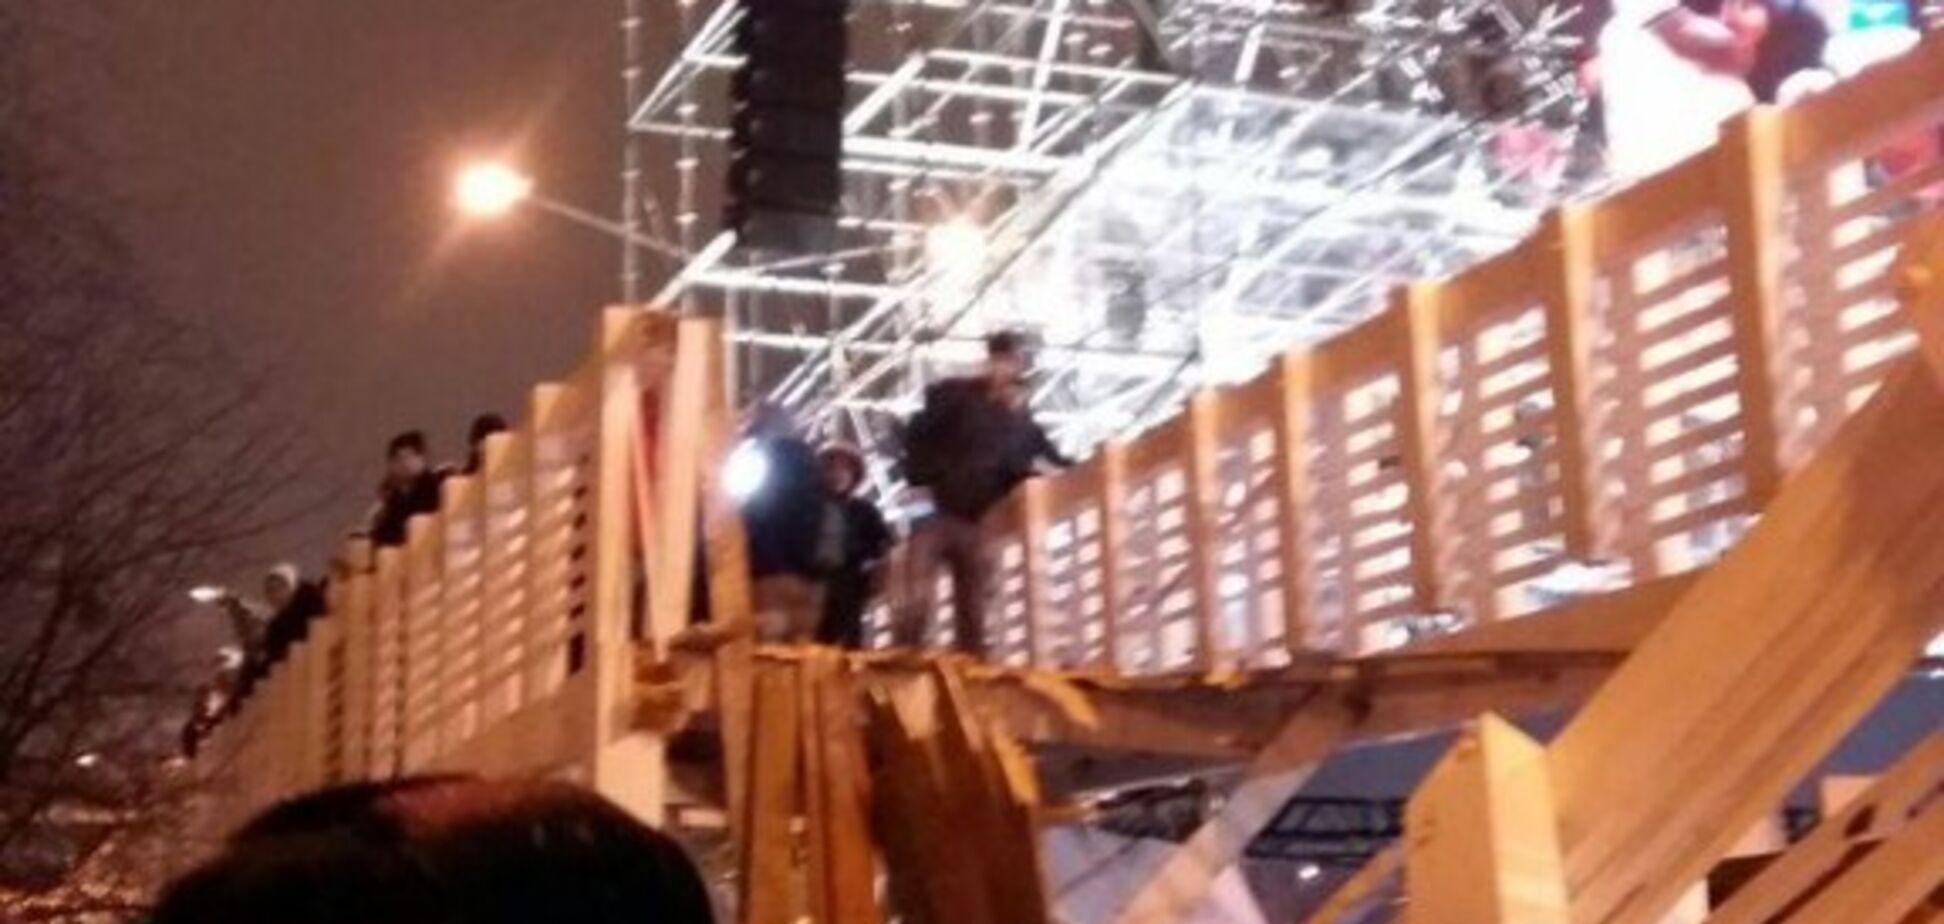 Мост рухнул на людей: в Москве произошло жуткое ЧП в новогоднюю ночь